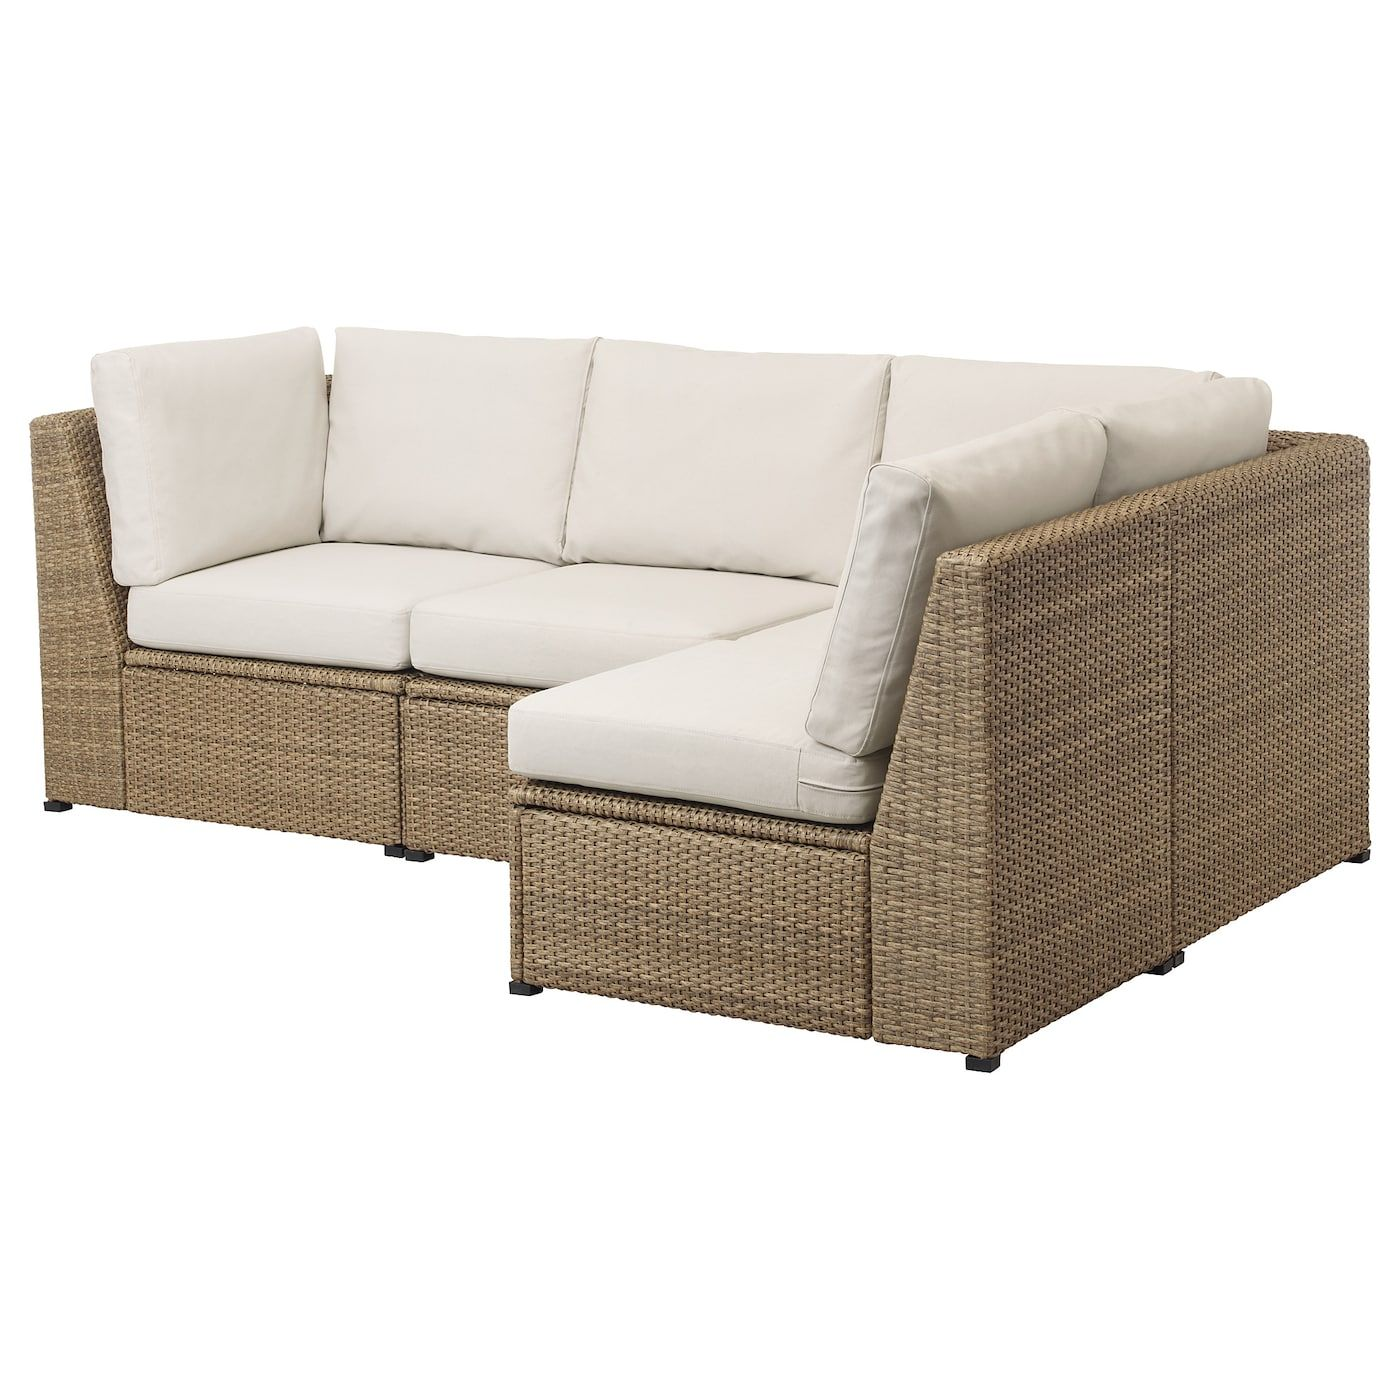 Solleron Brown Froson Duvholmen Beige Modular Corner Sofa 3 Seat Outdoor 85 Cm Ikea In 2020 Modulares Ecksofa Ecksofa Ikea